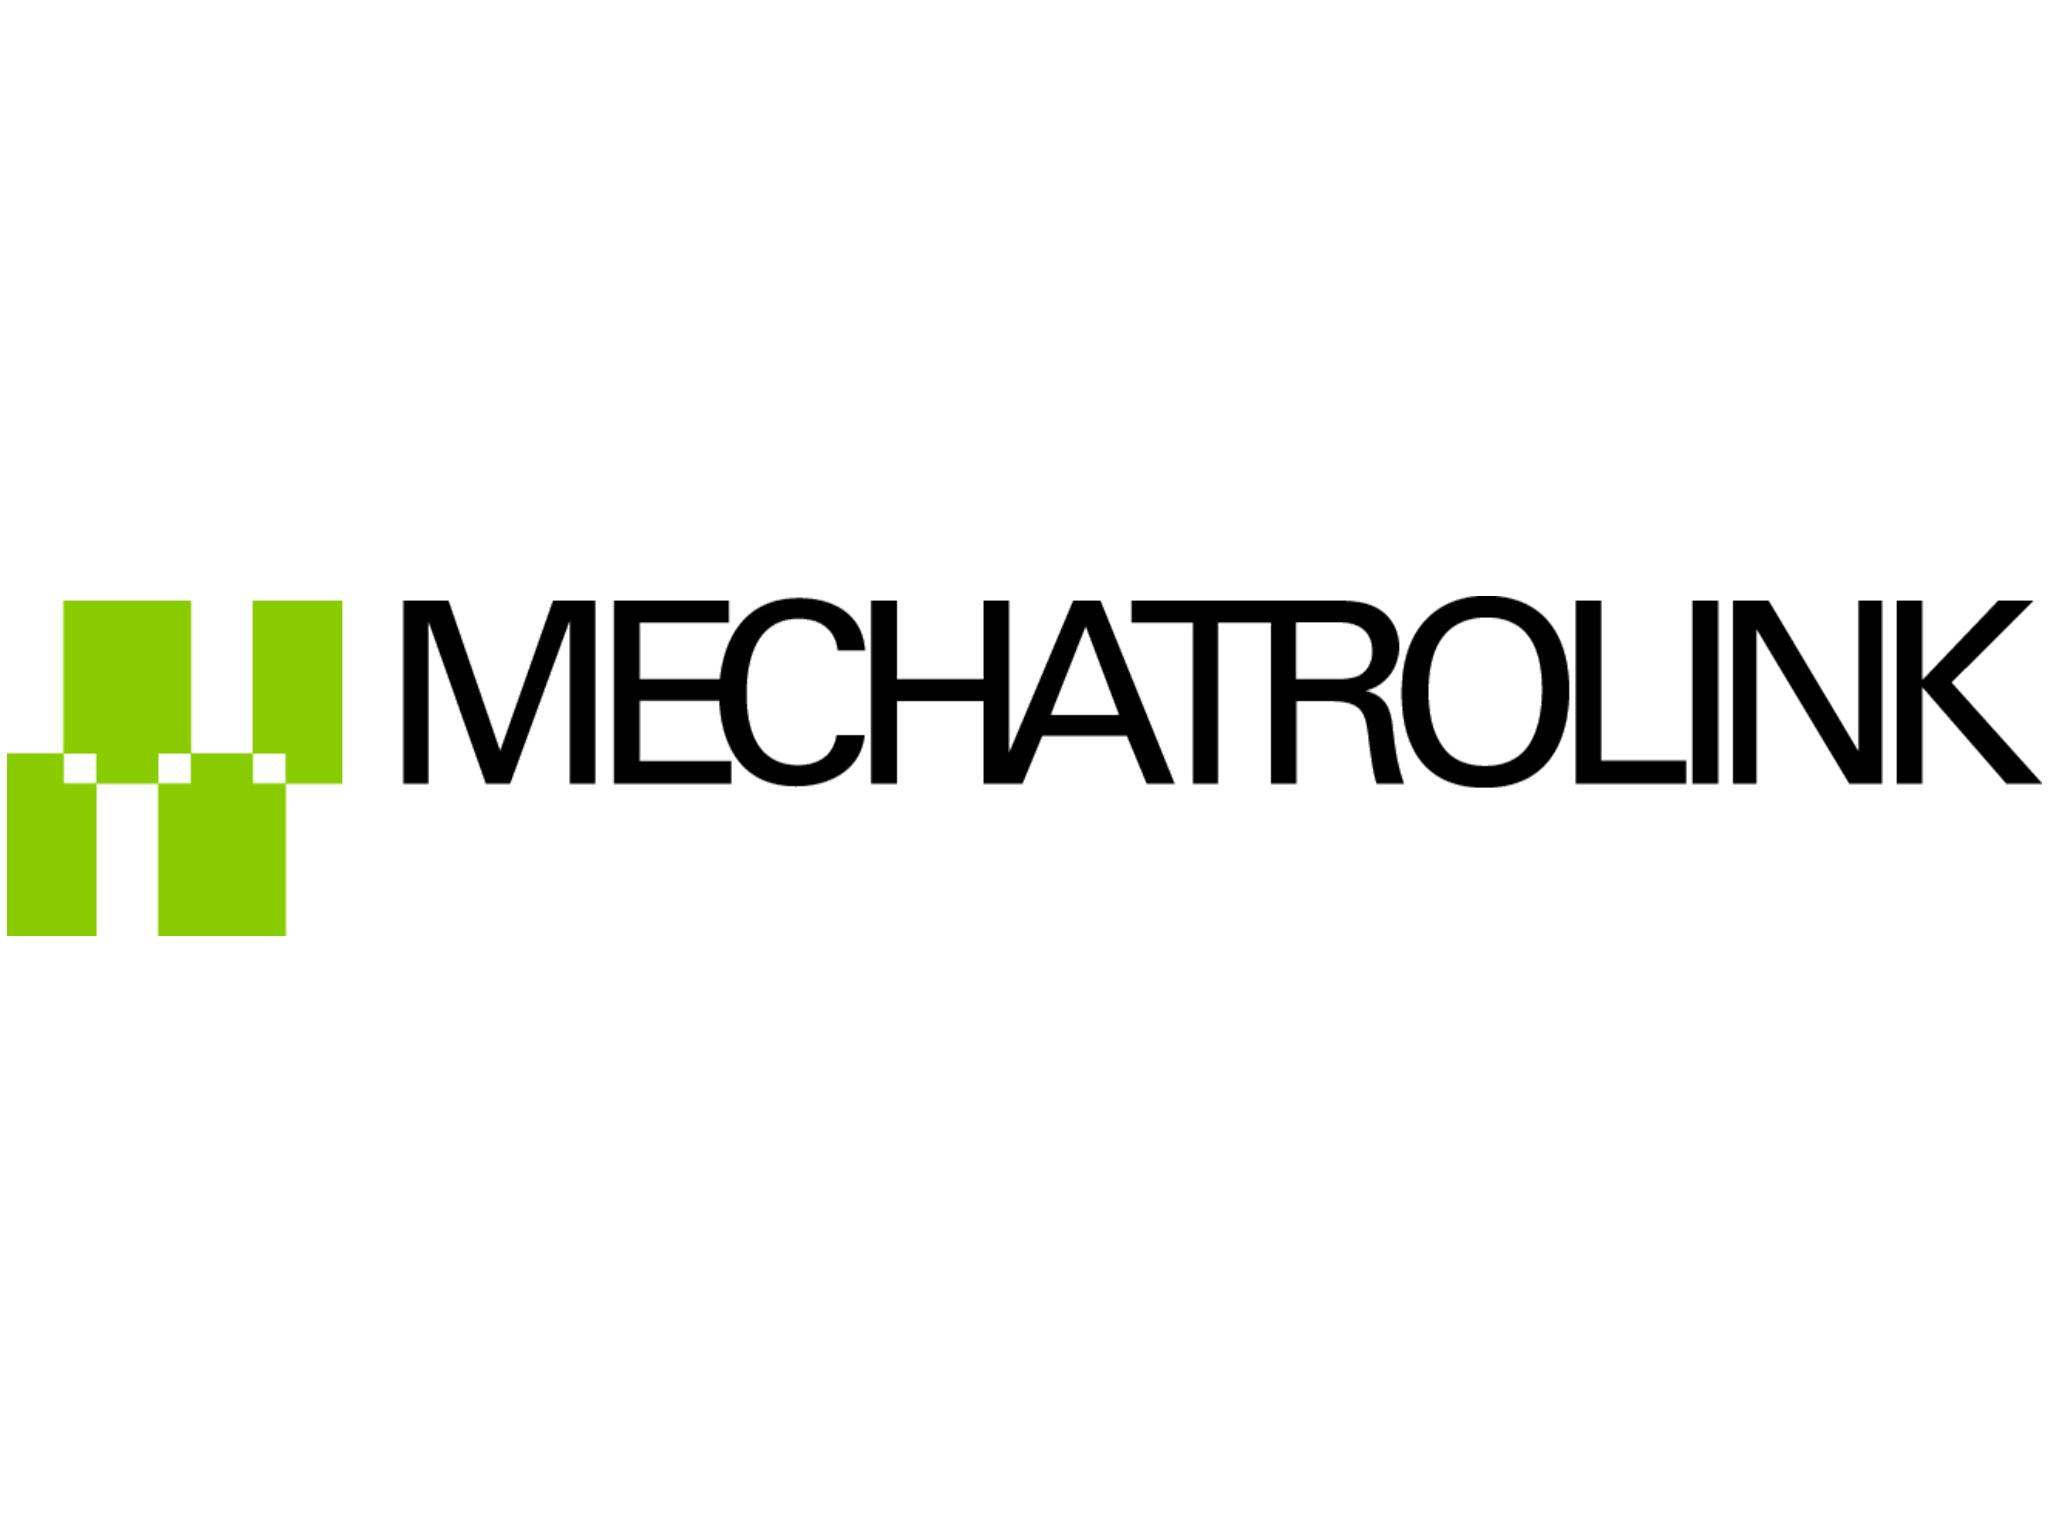 MECHATROLINK III